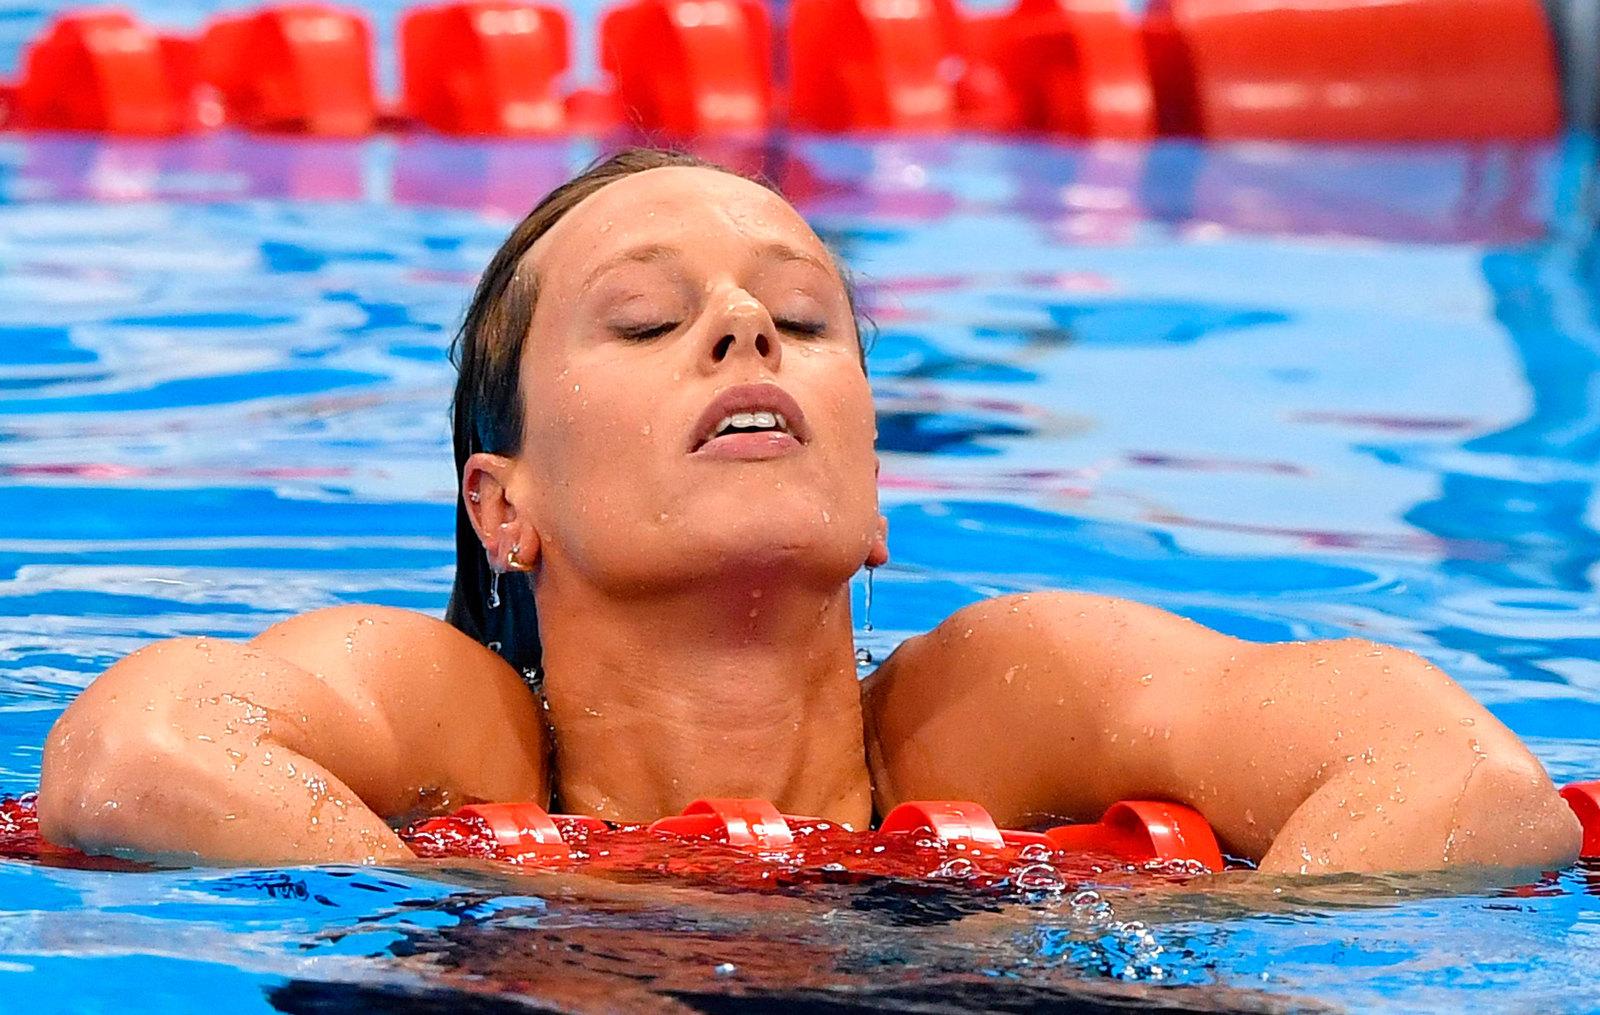 Итальянская звезда Федерика Пеллигрини не смогла попасть в тройку призеров в заплыве на 200 метров вольным стилем